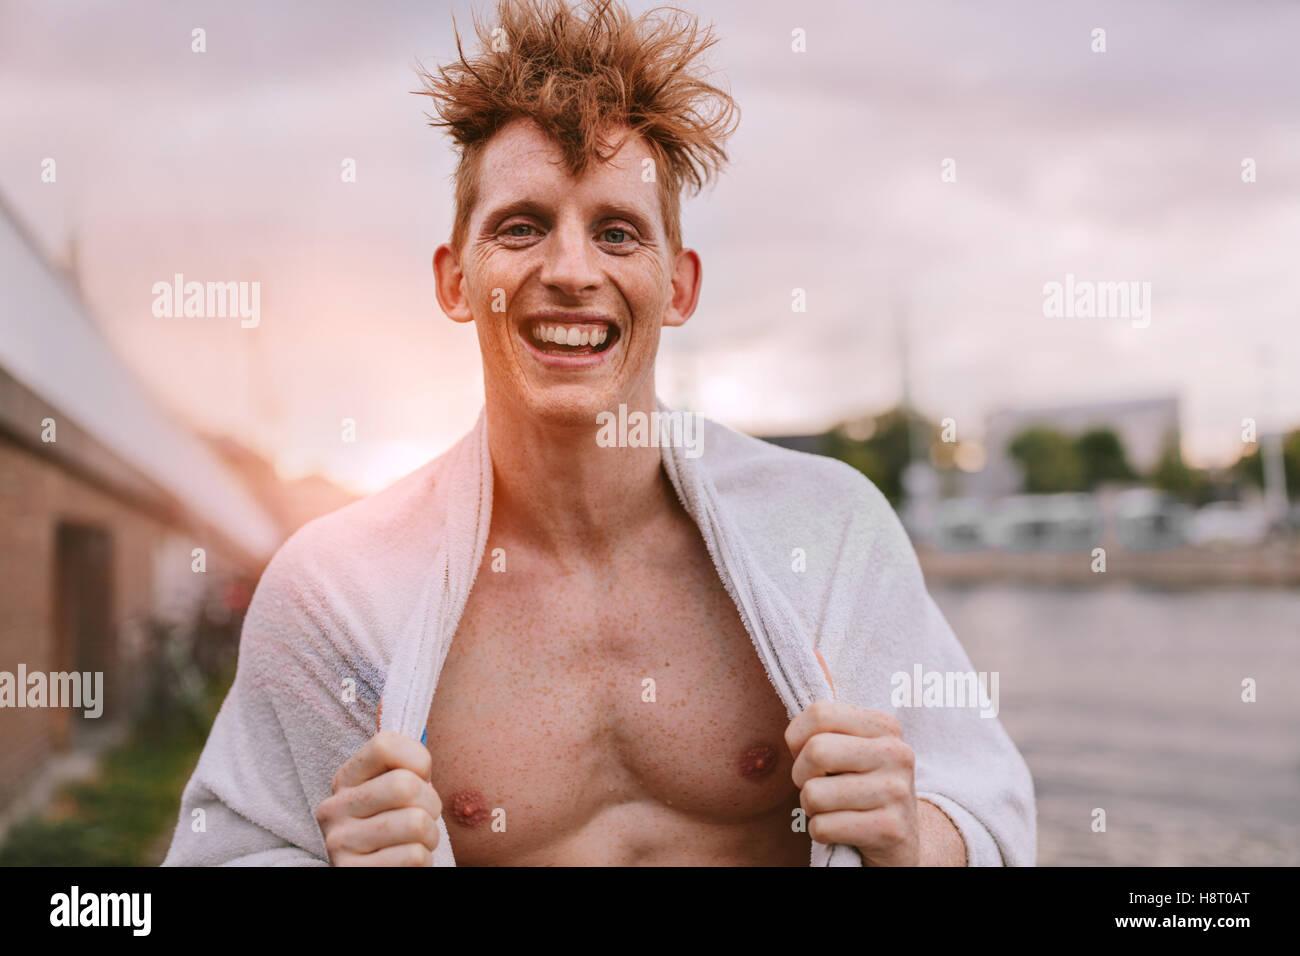 Porträt von gut aussehenden jungen Mann in Blick in die Kamera und lächelnd Handtuch gewickelt. Fröhliche Stockbild